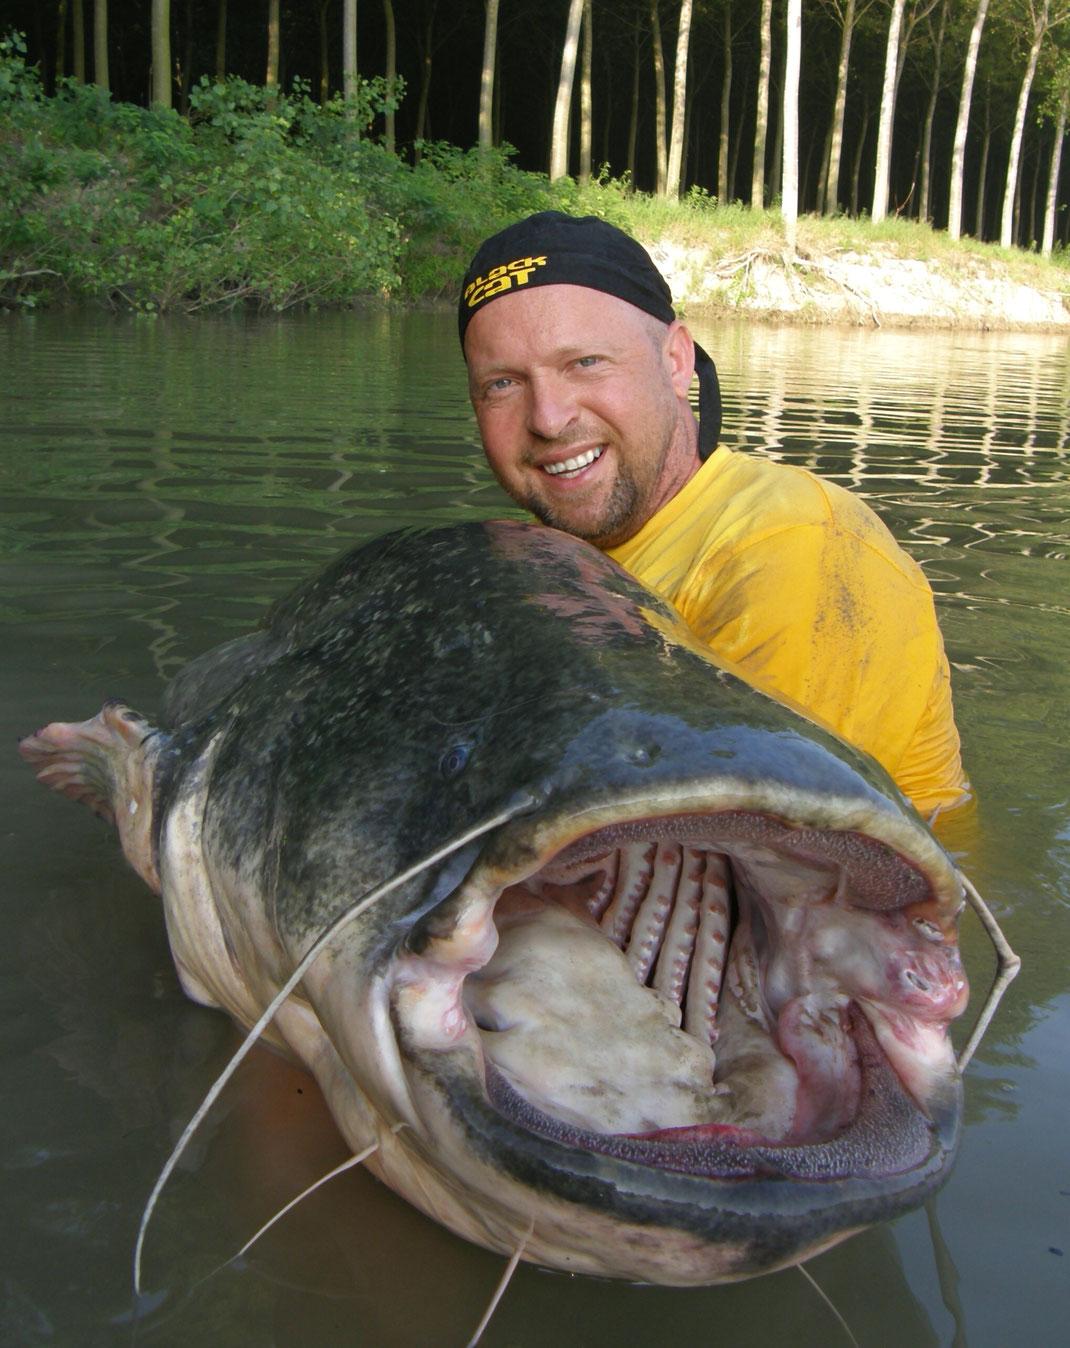 Nach einer letzten Flucht konnte ich den Fisch erfolgreich mit dem Wallergriff landen.Beim späteren Wiegen zeigt der Räuber ein stattliches Gewicht von 72 Kilo.